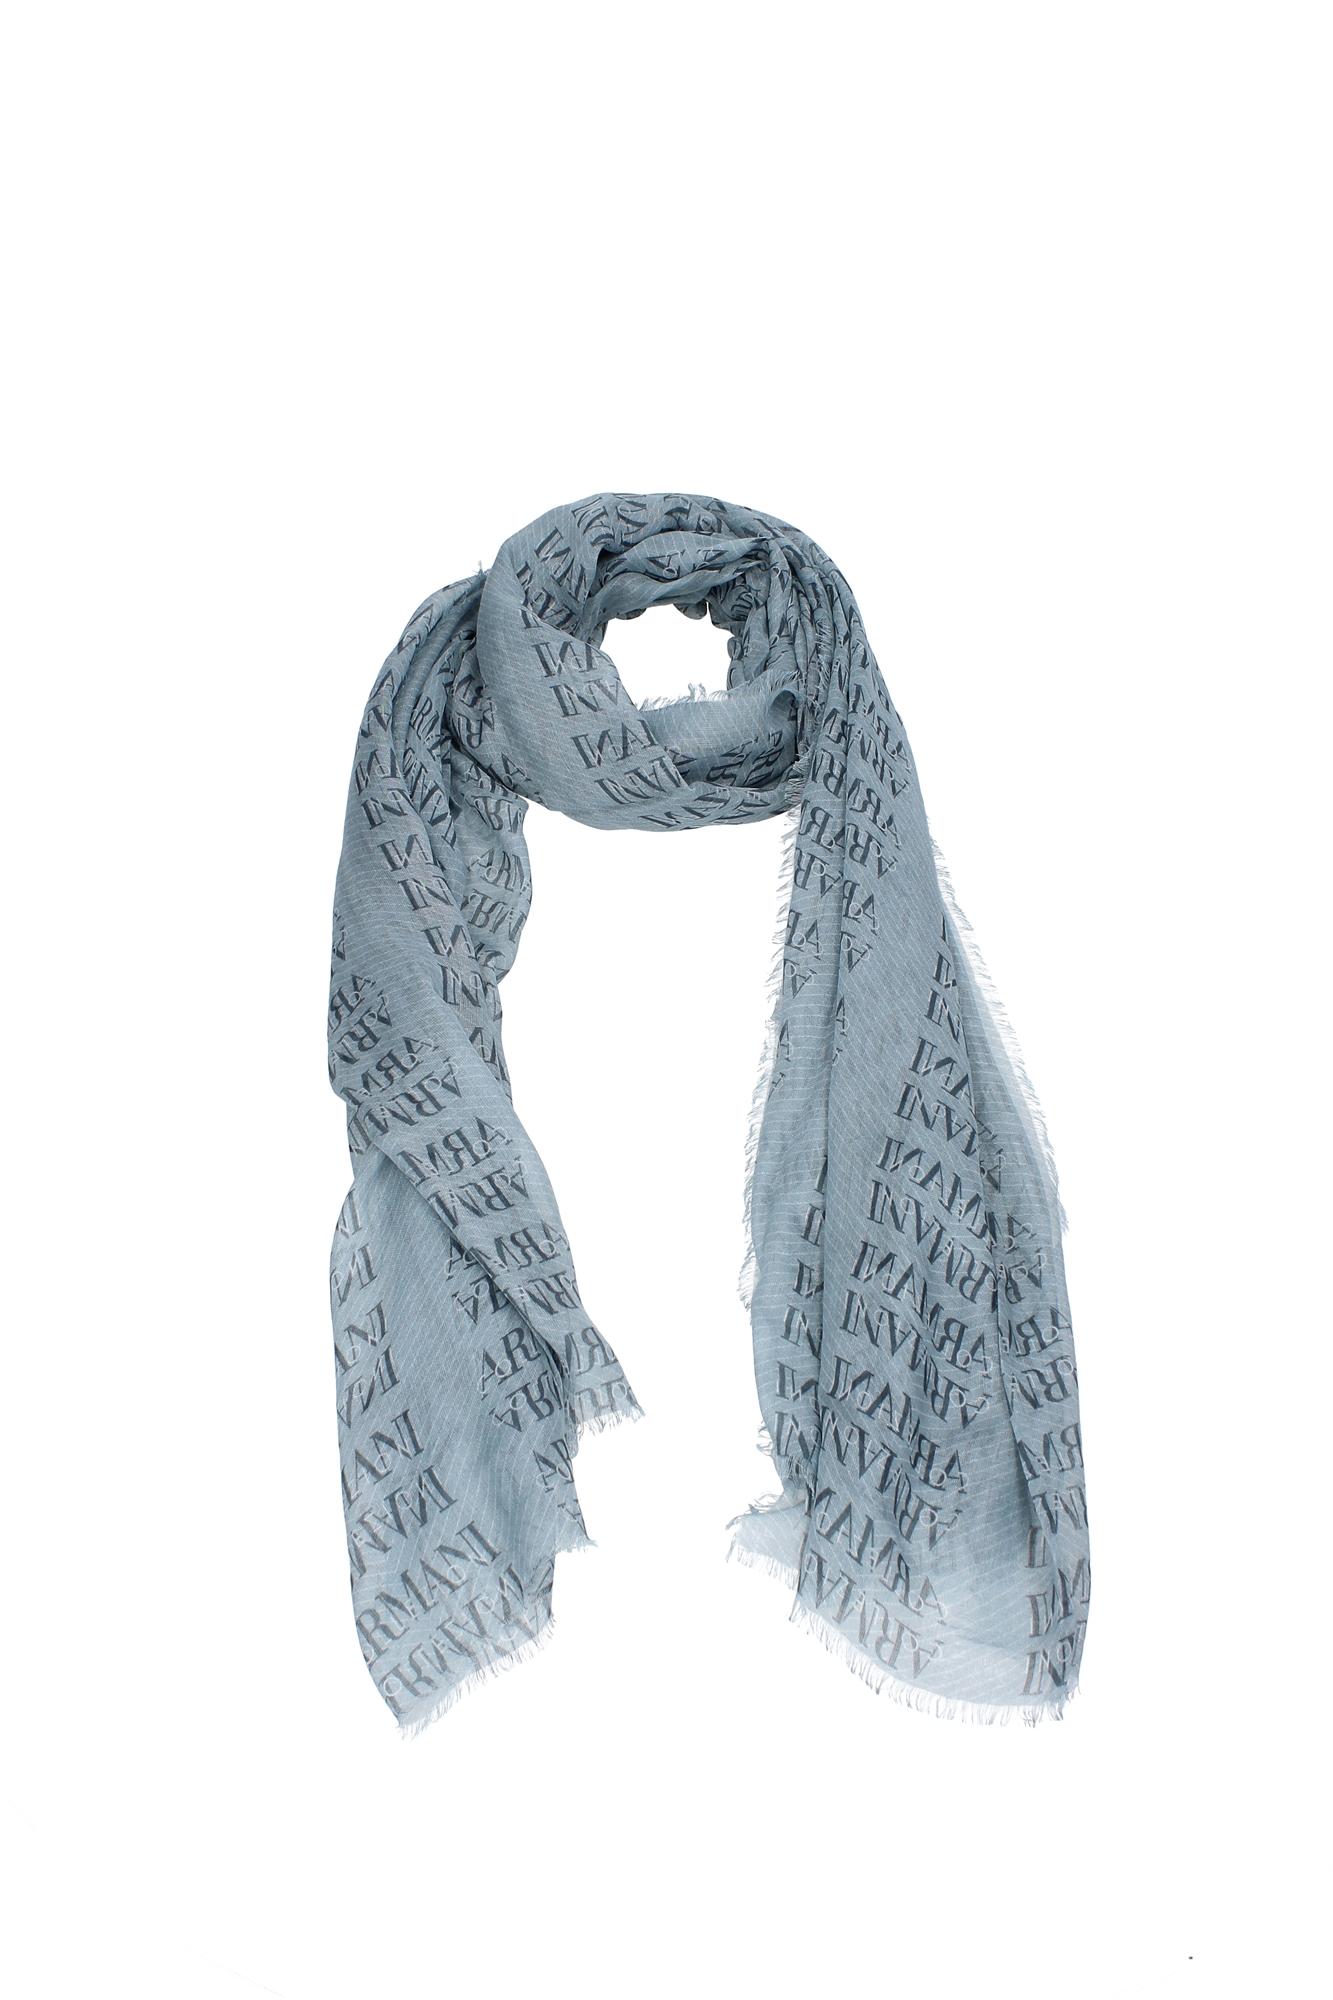 Borse Armani Collezioni : Foulards scarves armani collezioni men modal gray